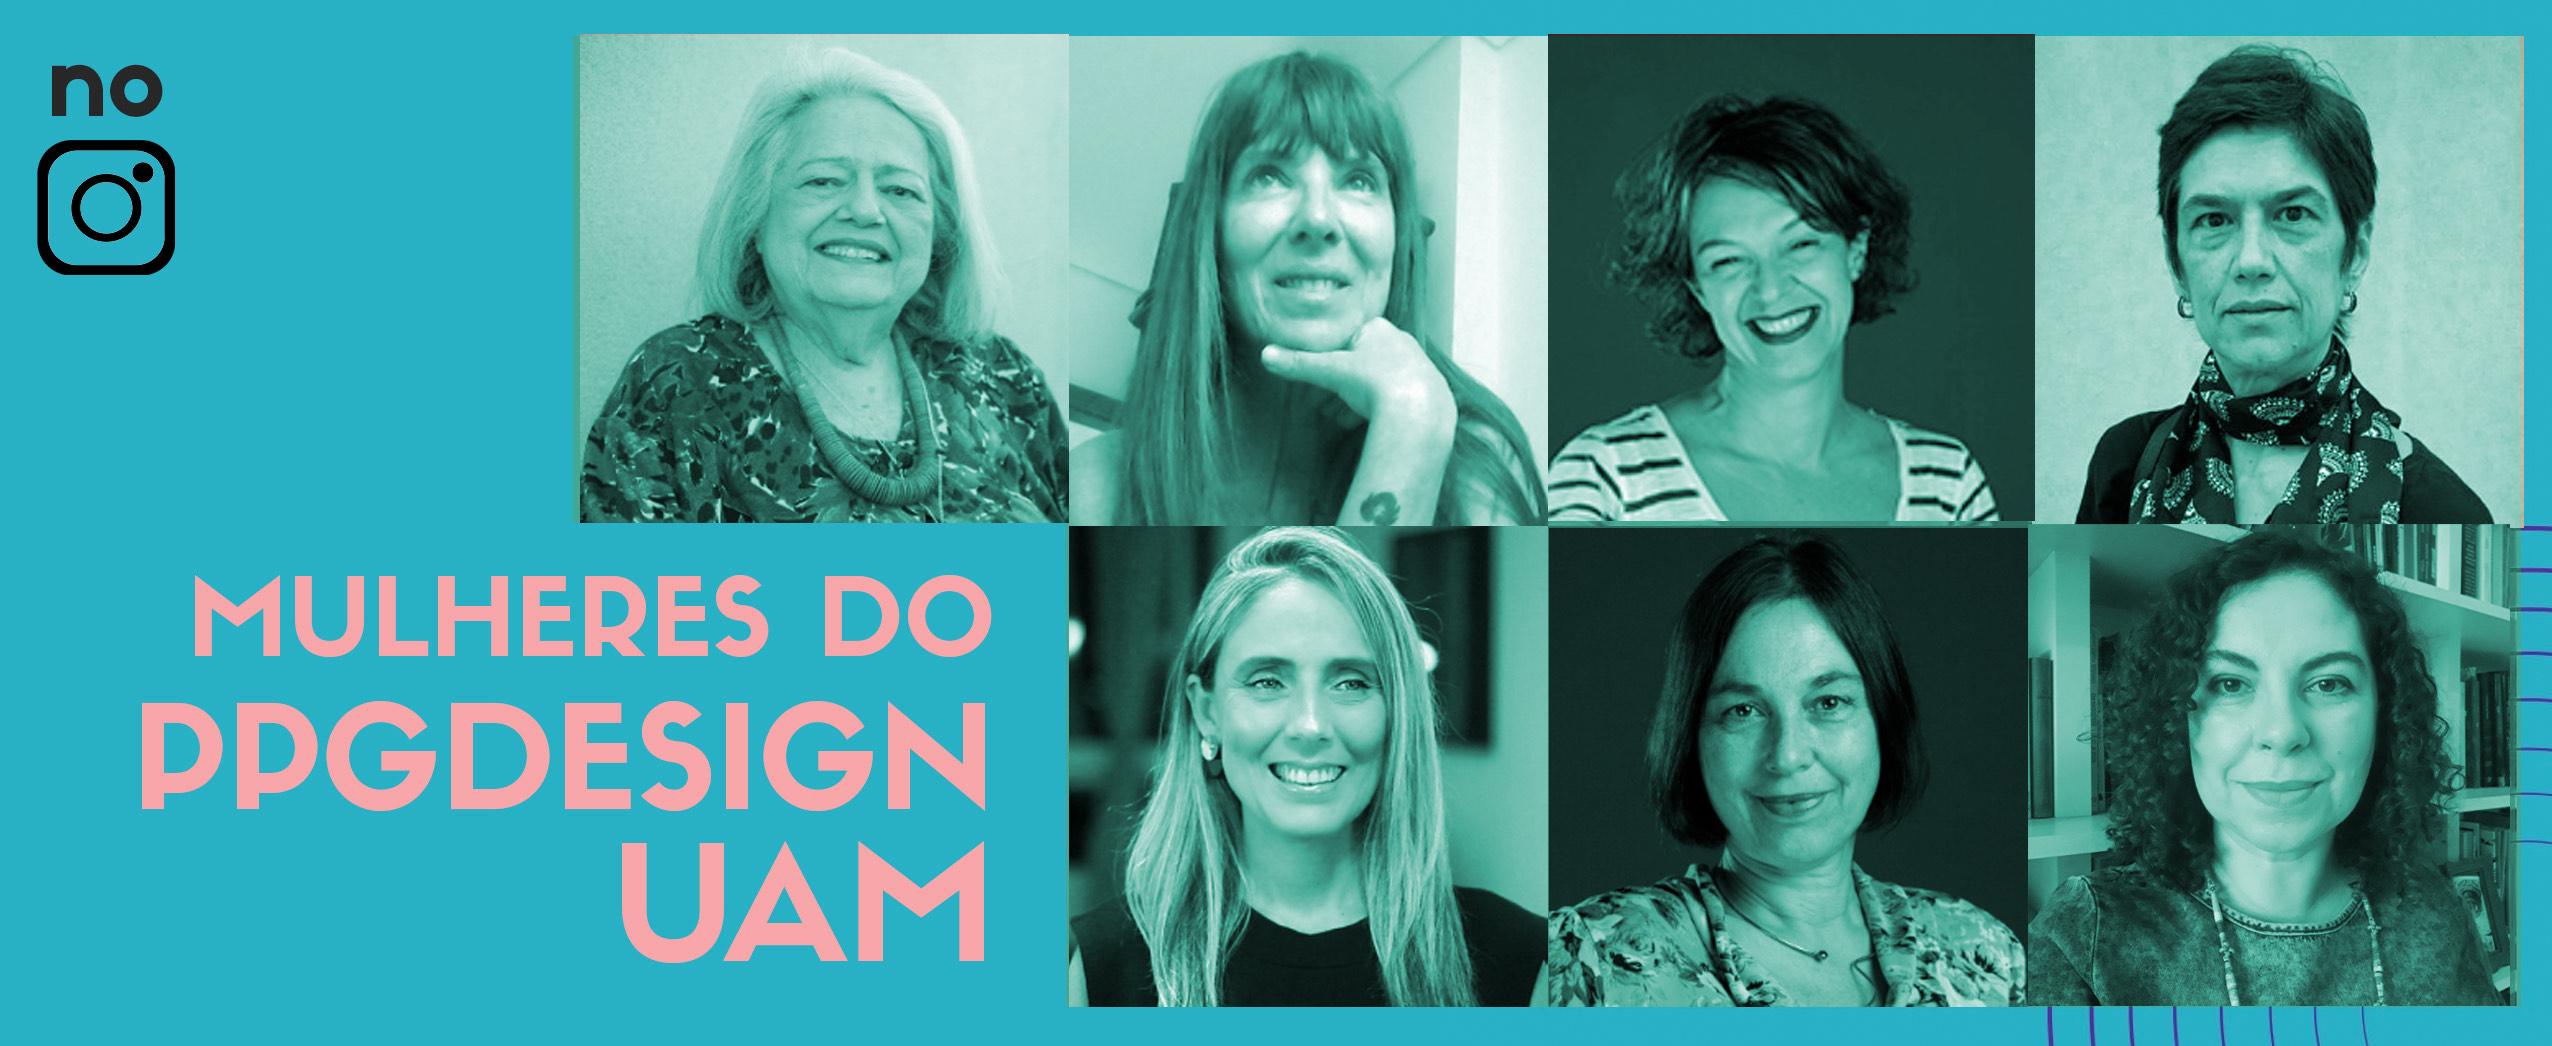 Mulheres do PPG Design